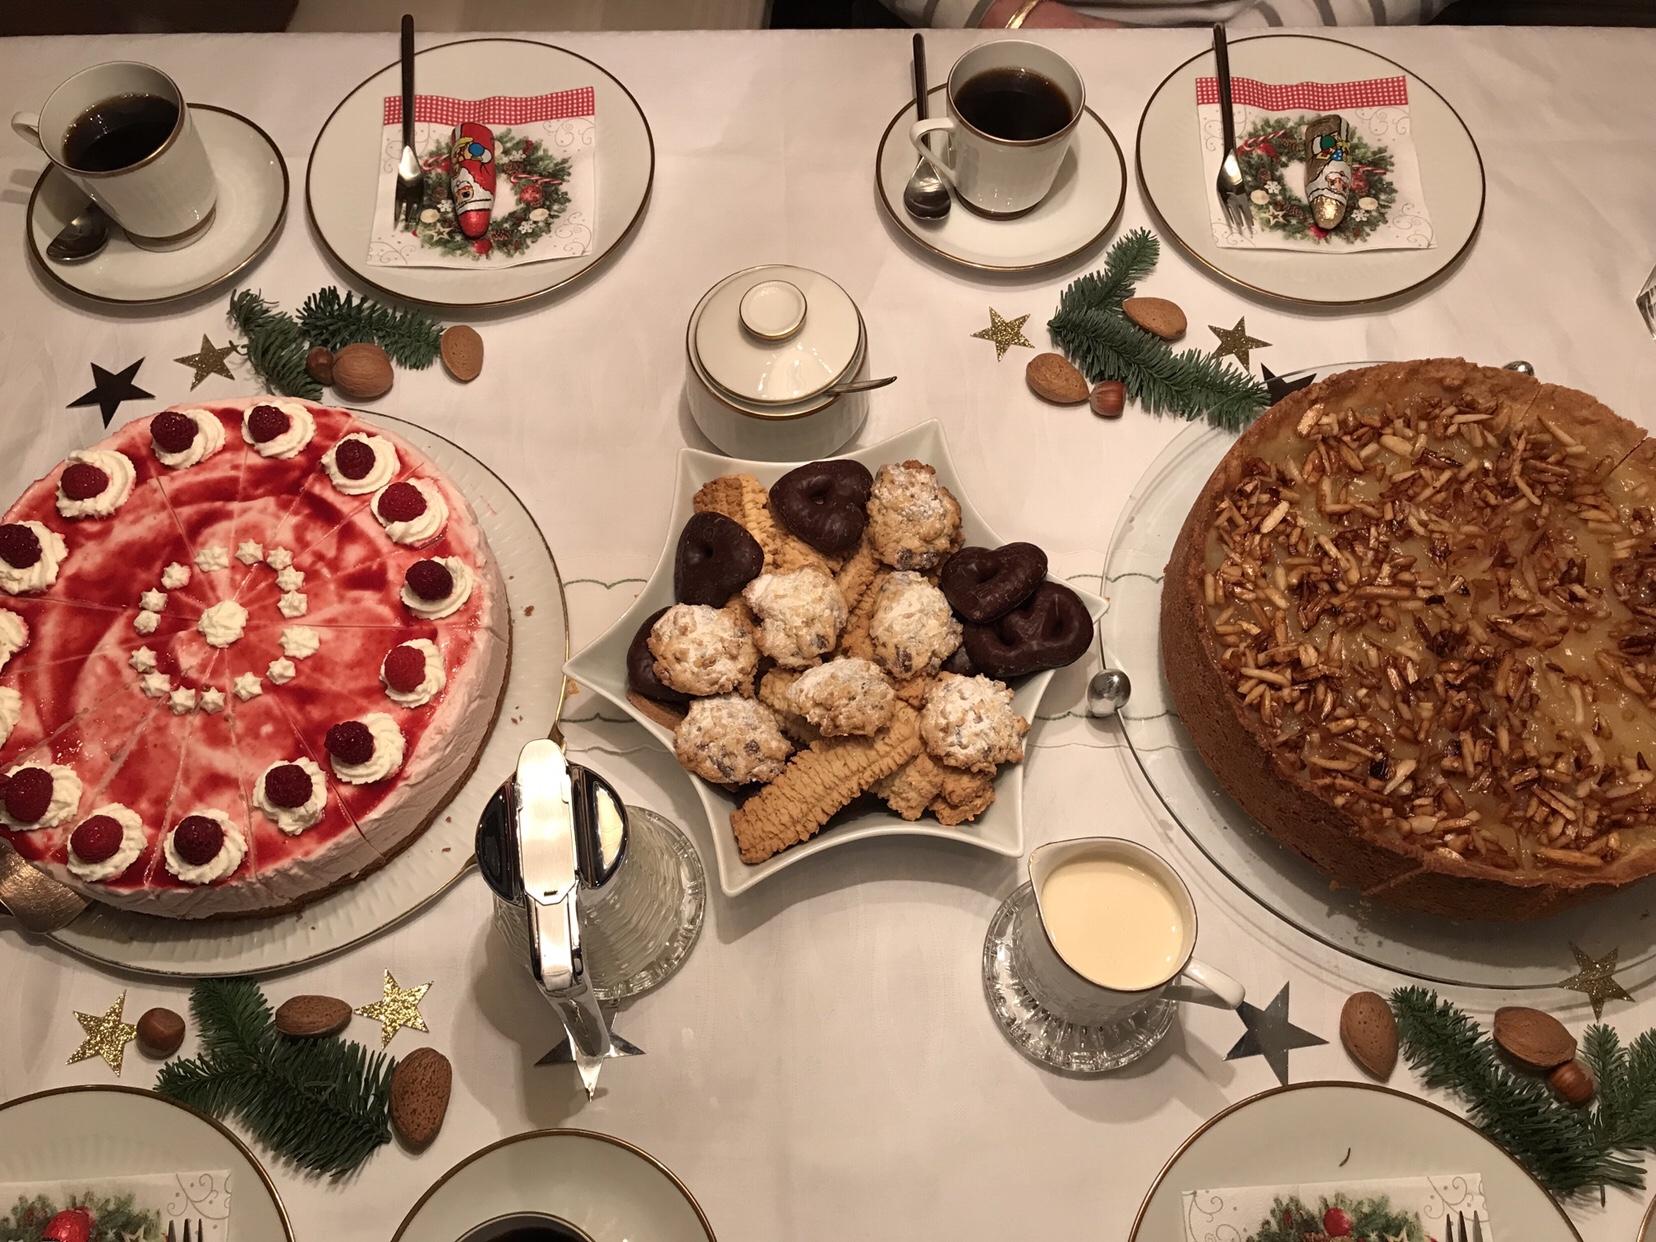 Geburtstag bei meinem Papa: Kaffeetafel mit Kuchen und Keksen